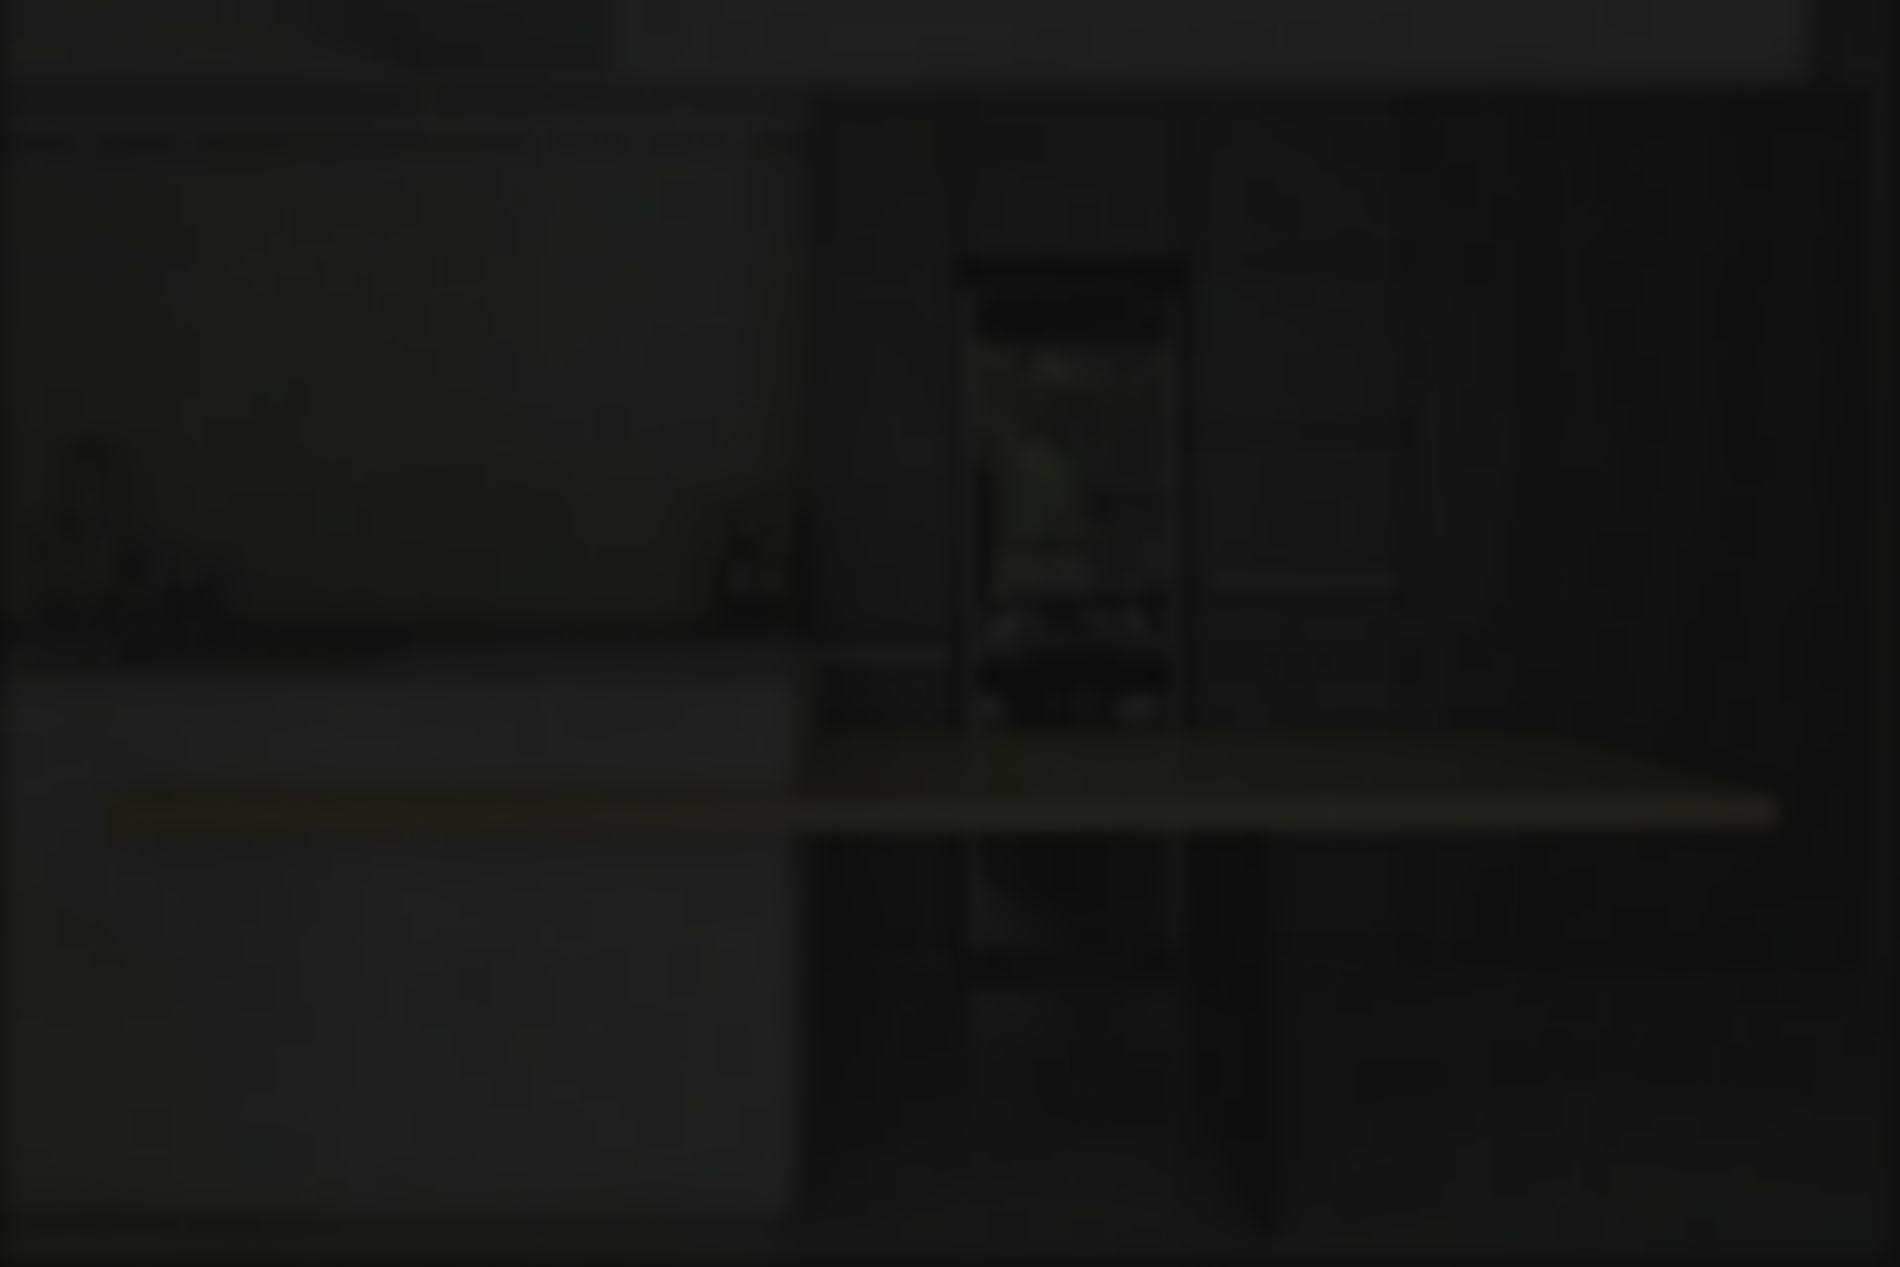 dark slide 3 bg